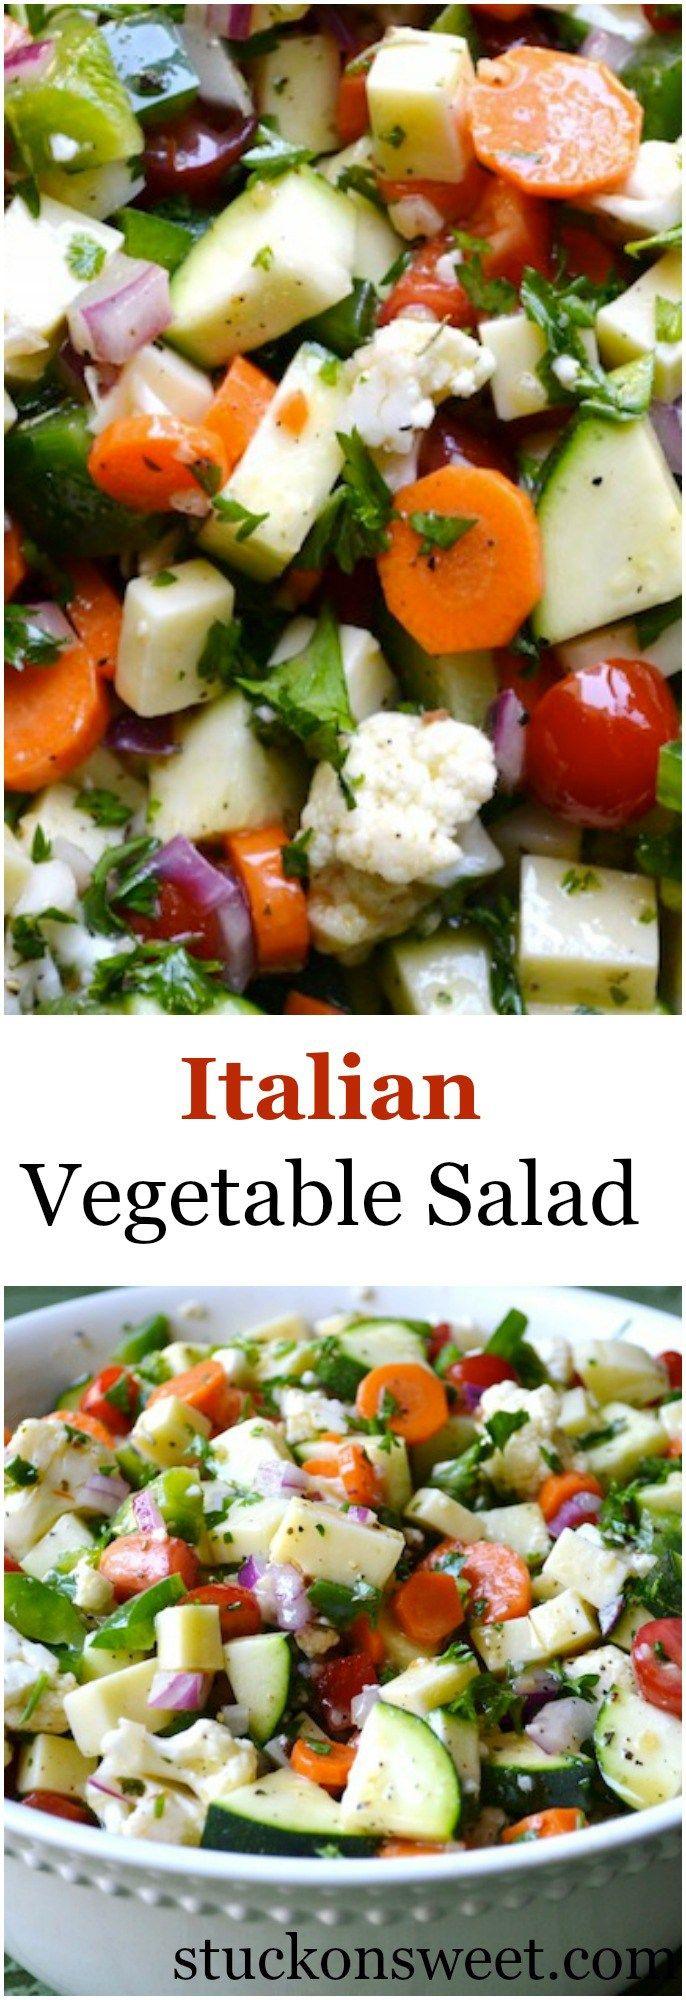 Italian Vegetable Salad | stuckonsweet.com